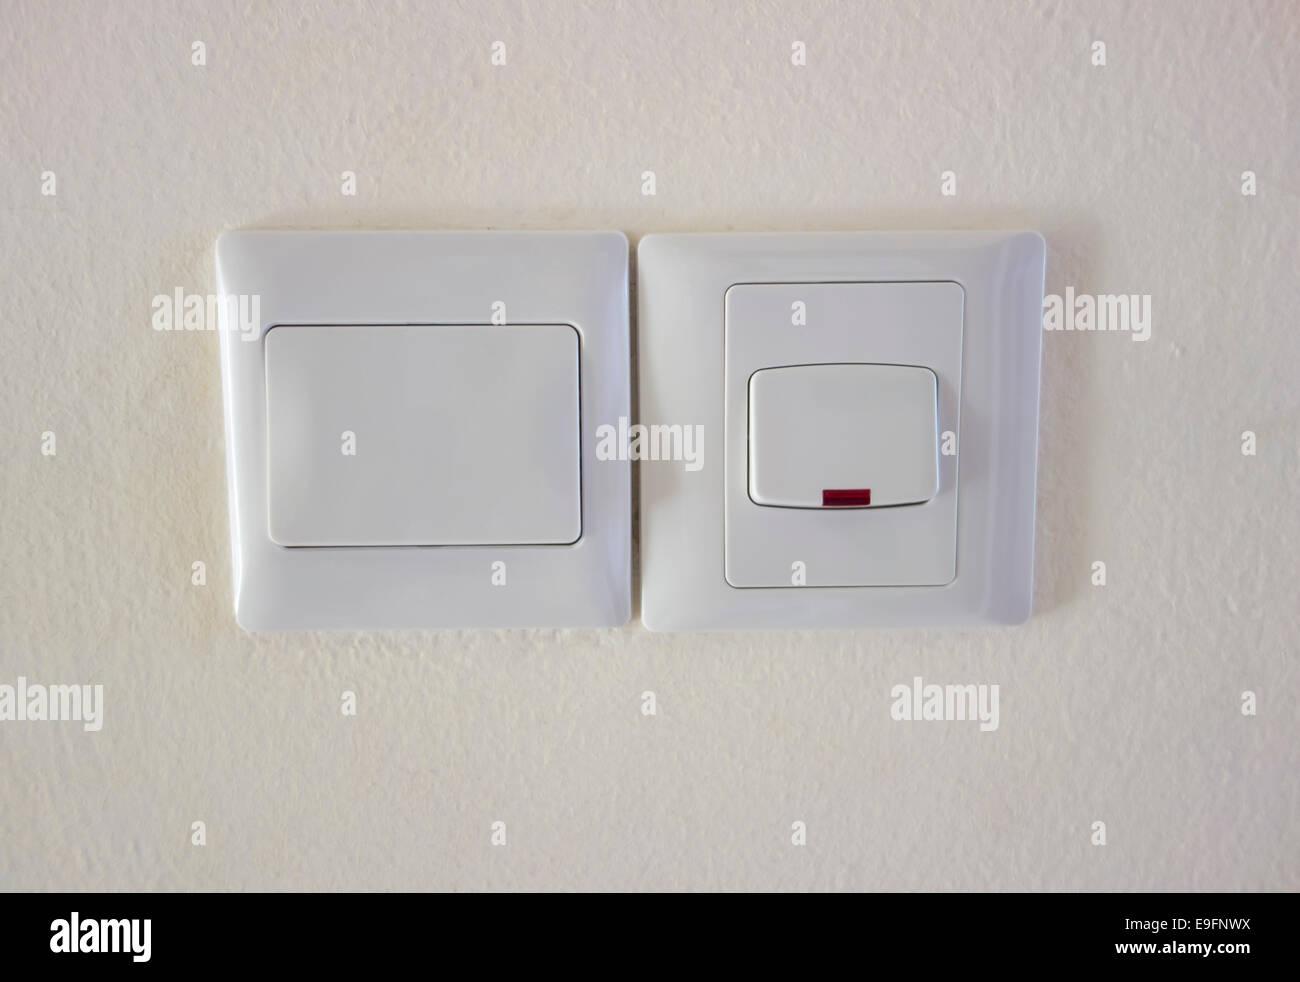 Gemütlich Zwei Lichtschalter Bilder - Elektrische Schaltplan-Ideen ...